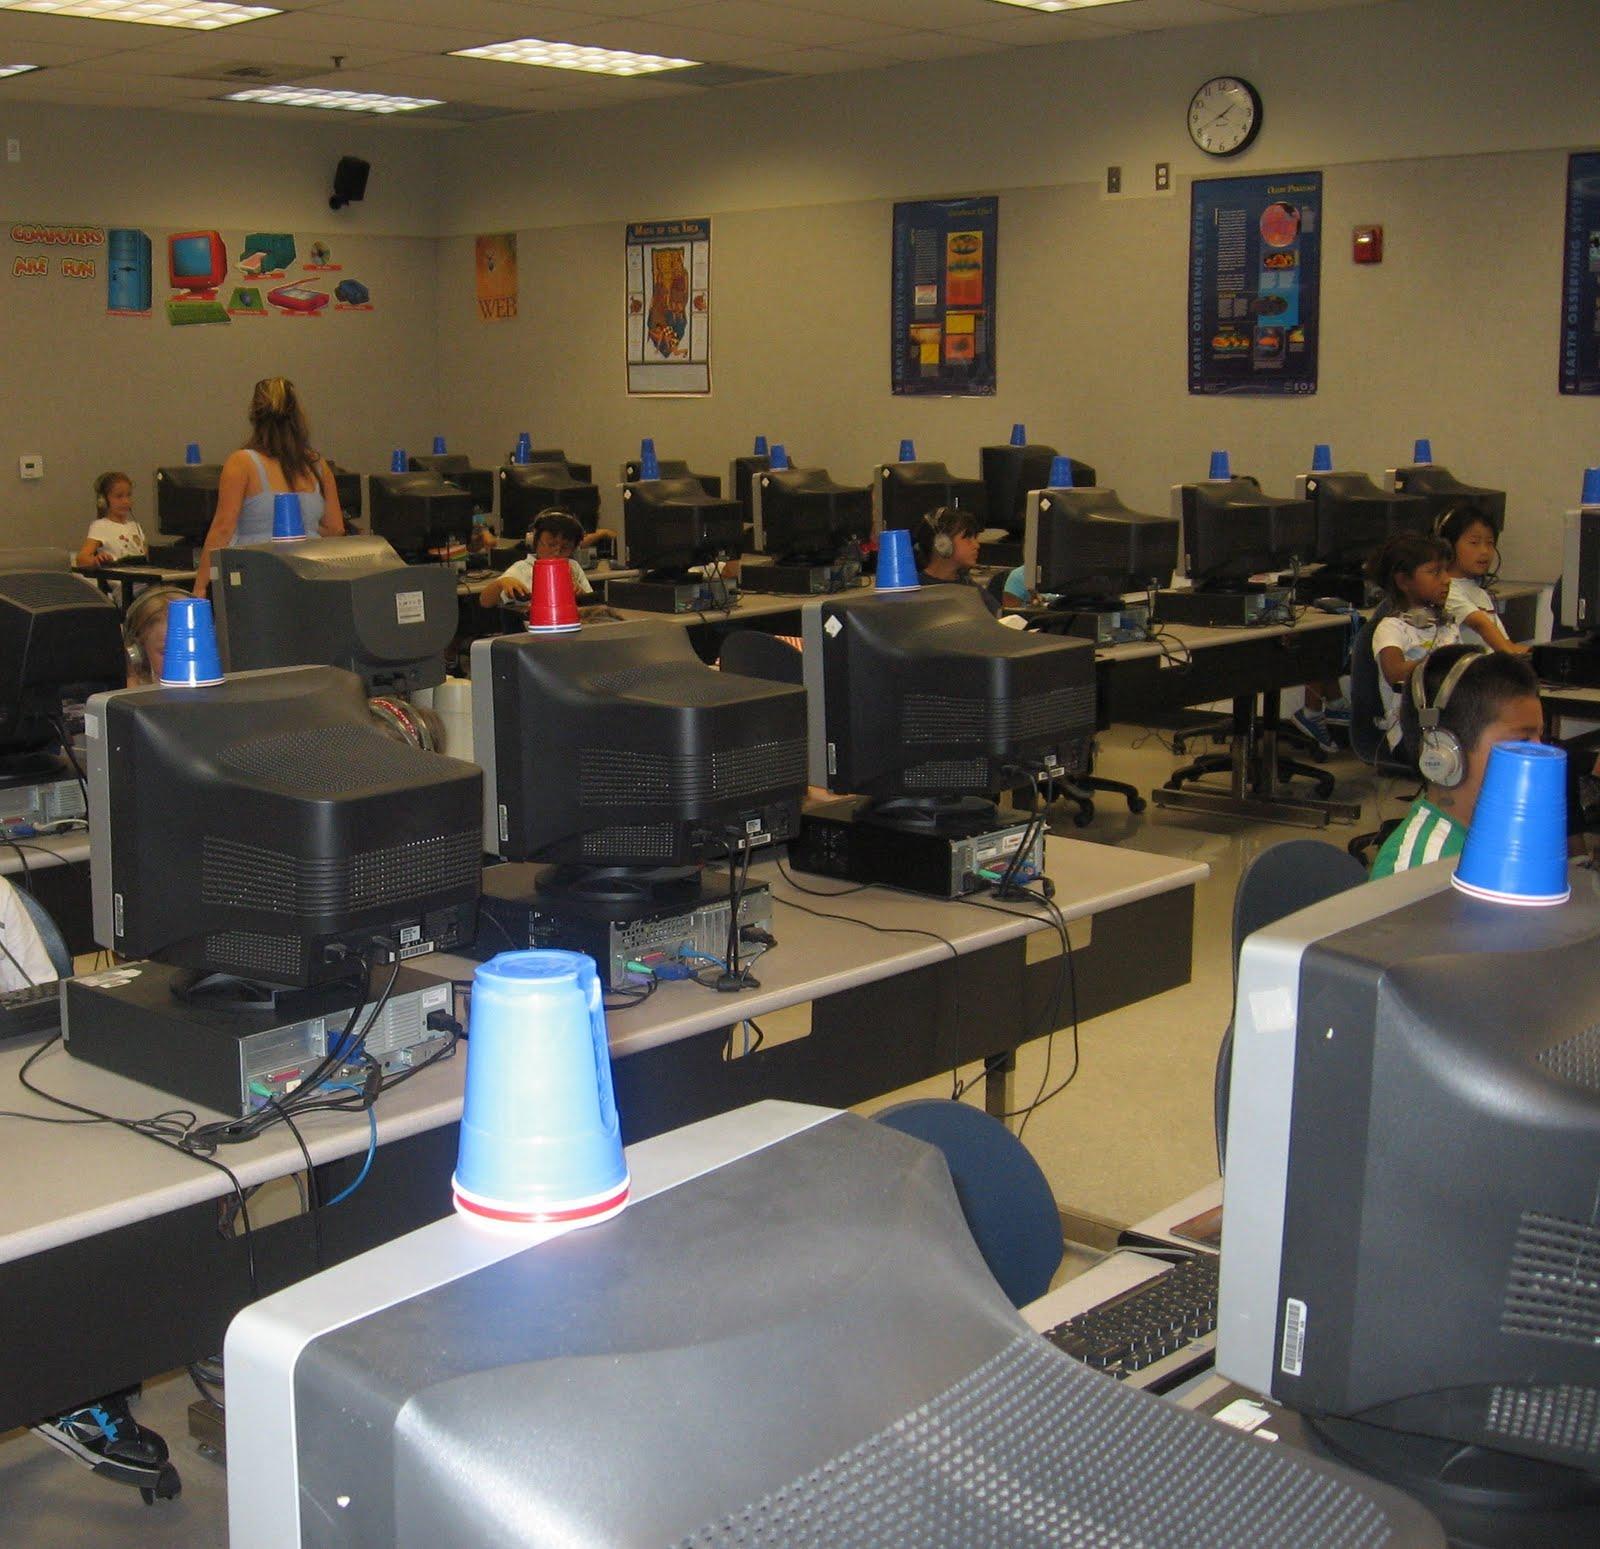 Meidän luokka: Tietotekniikka Mesassa